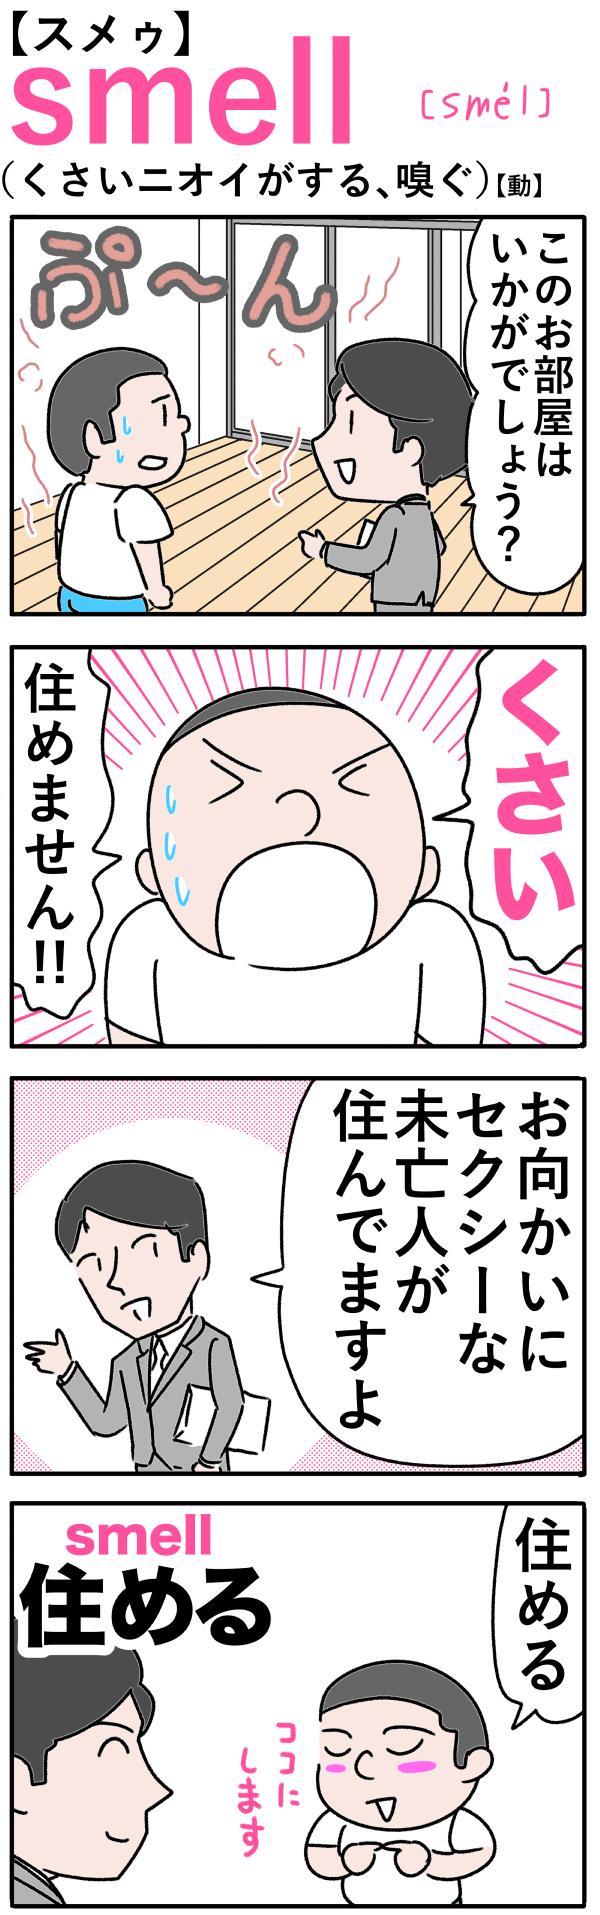 smell(くさいニオイがする)の語呂合わせ英単語